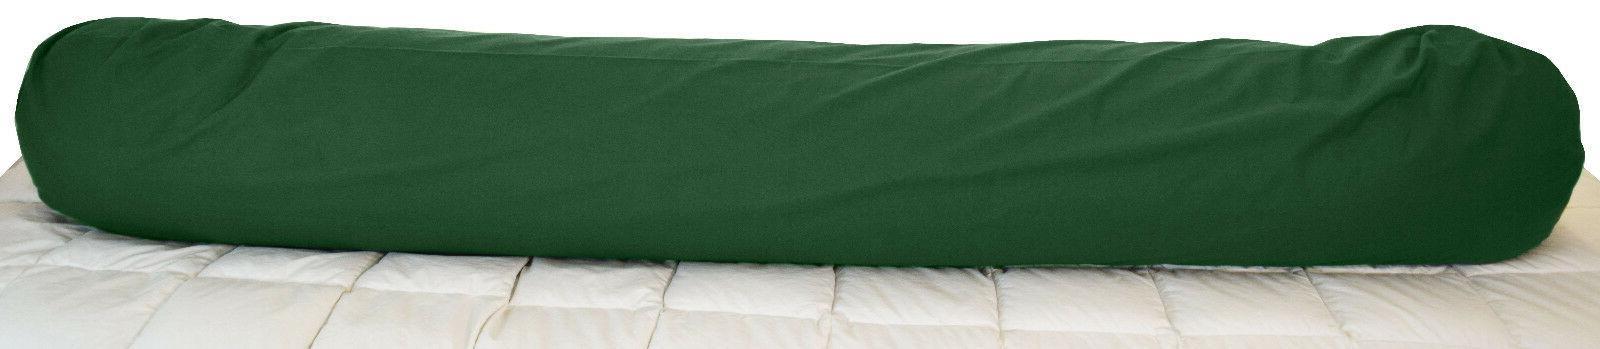 Sleeping Cover, pillowcase, in USA